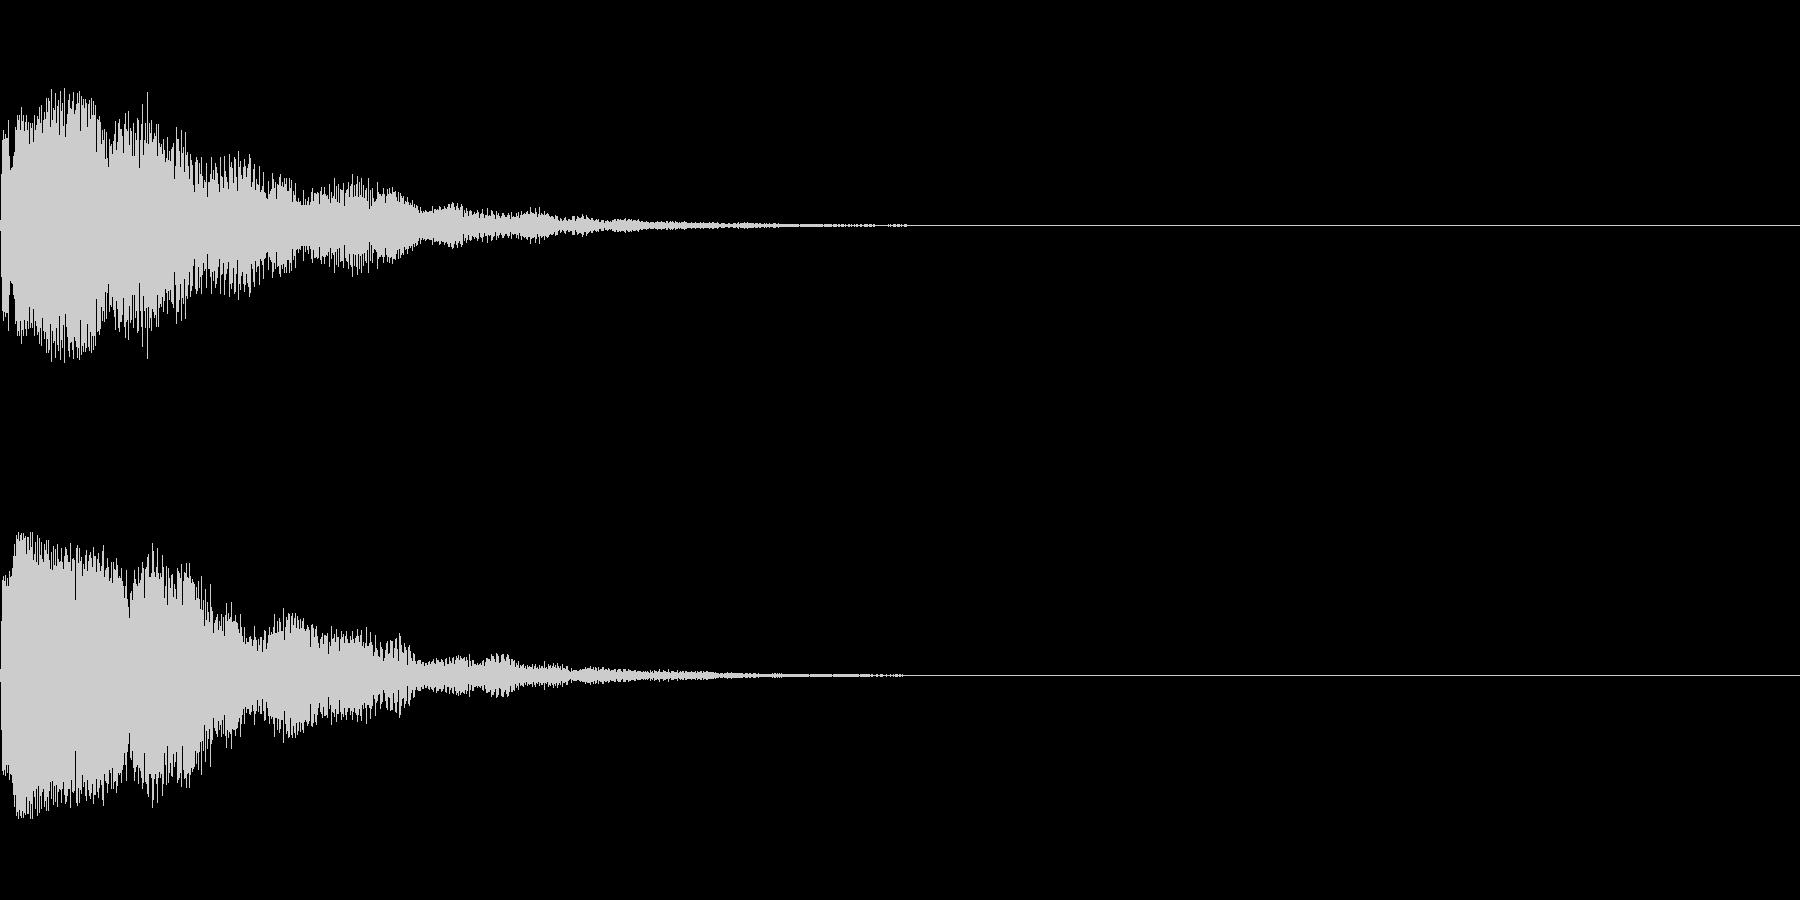 きれい系システム音/チラリン ベルっぽいの未再生の波形